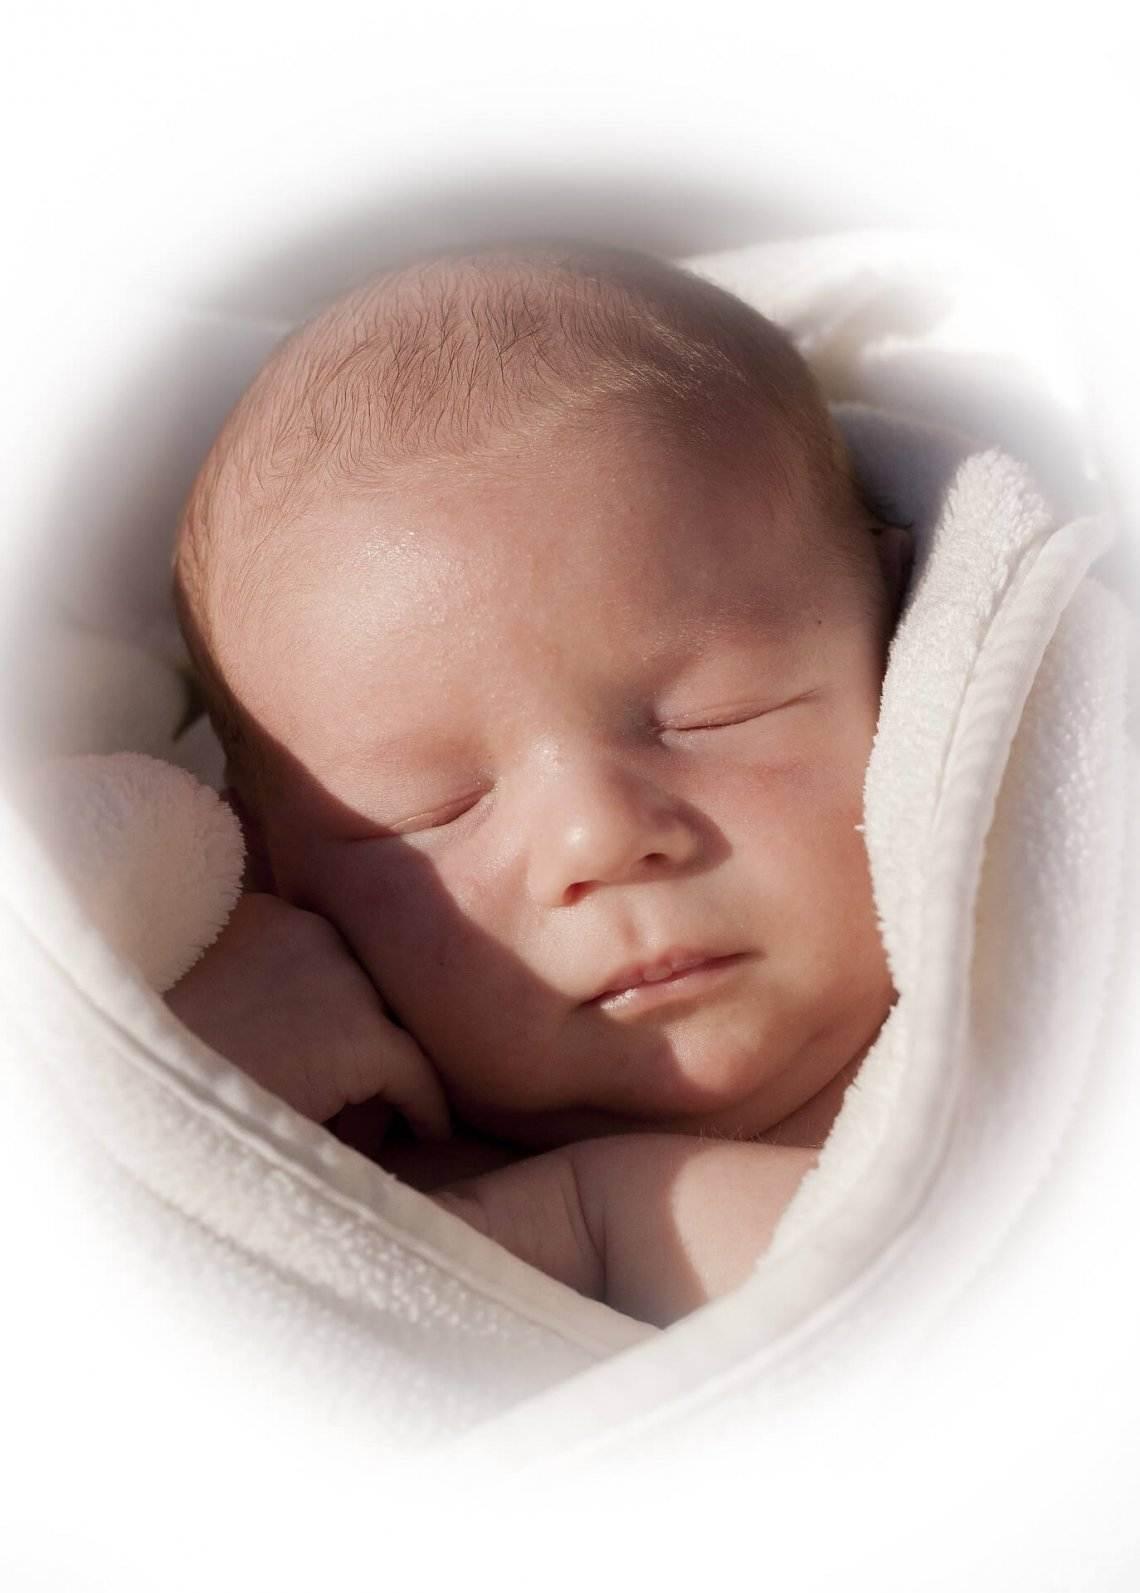 baby-1081047_1920